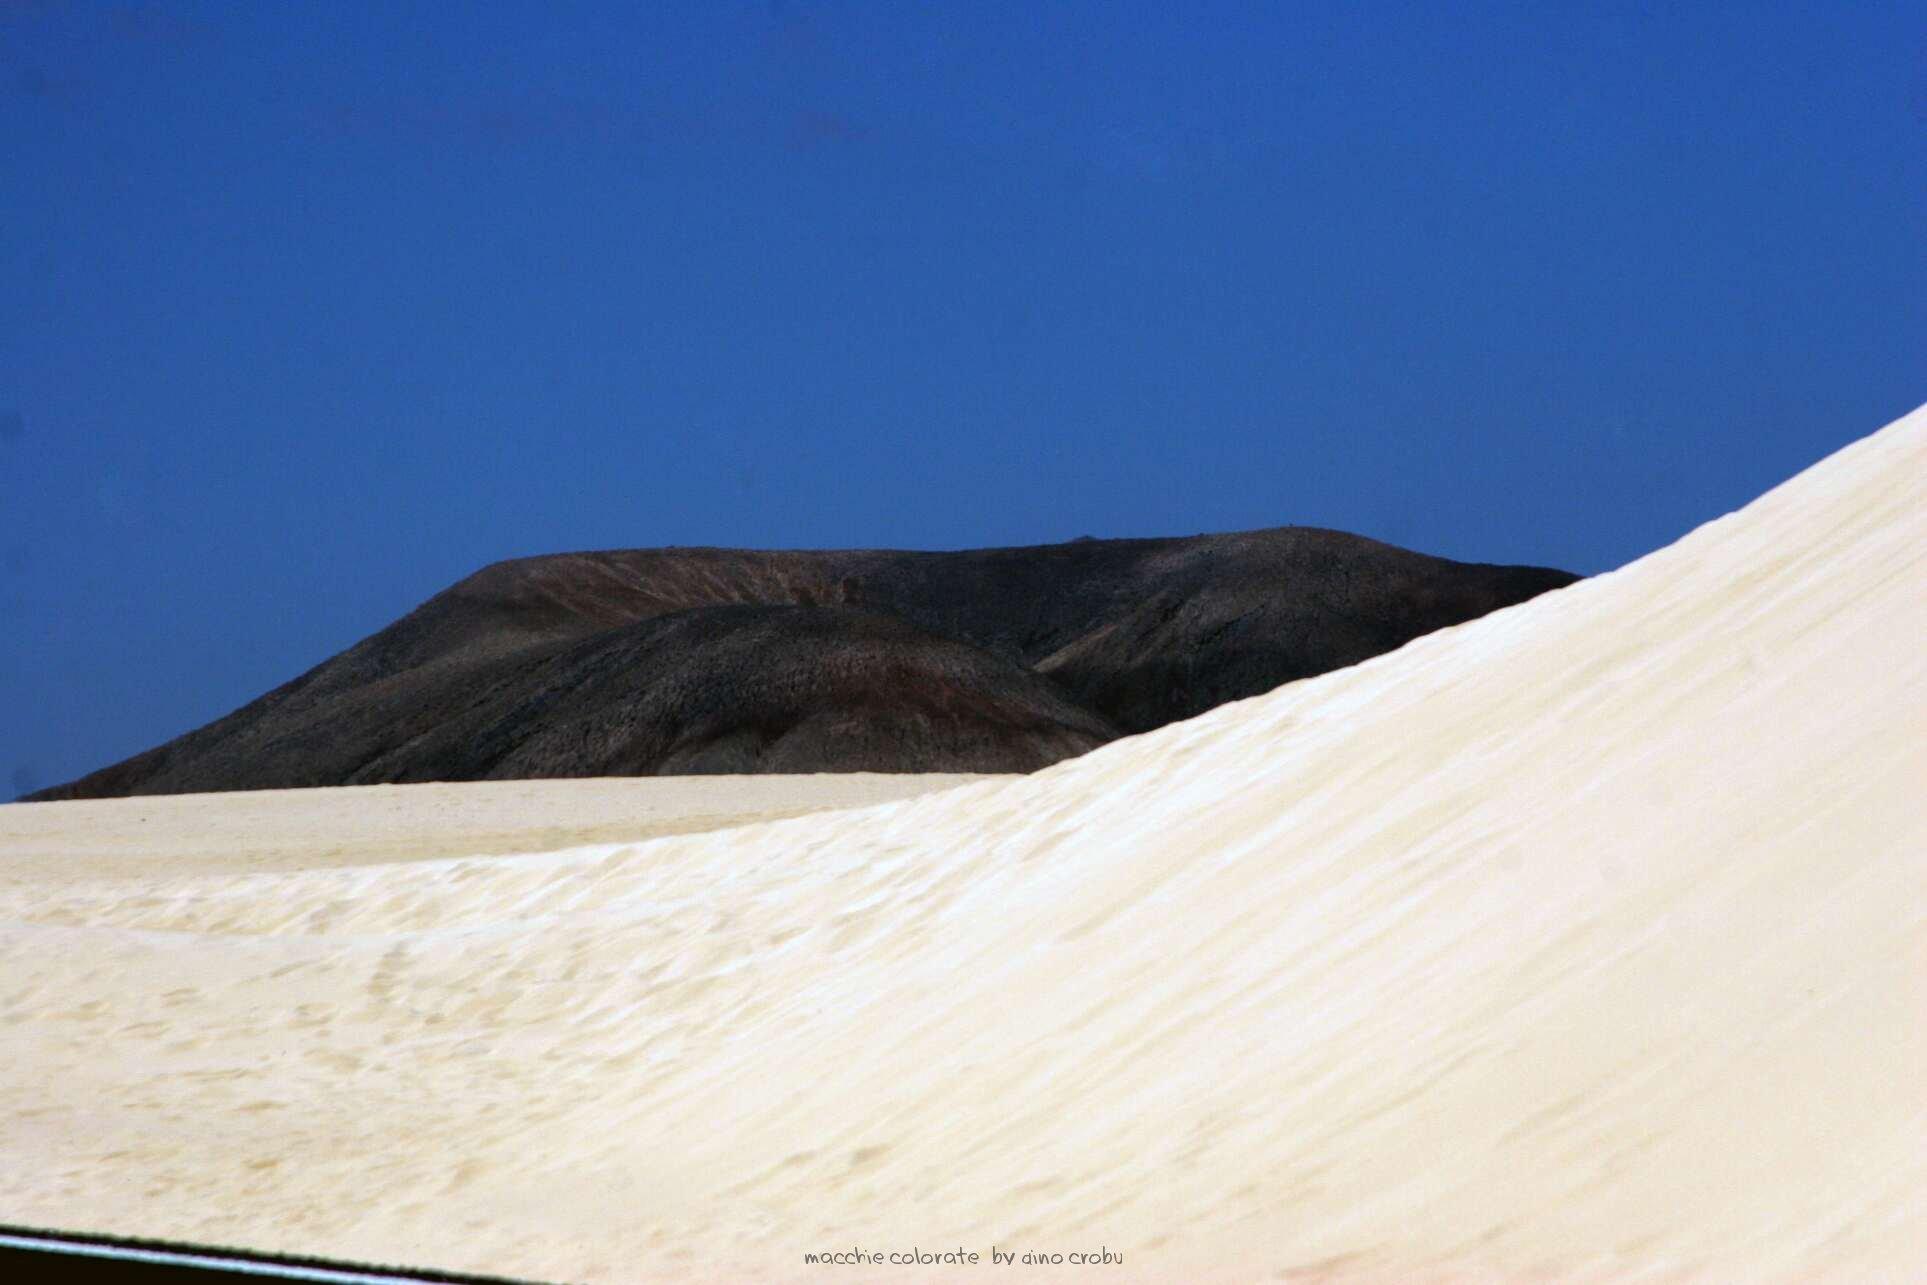 1915-sabbia-e-asfalto-1